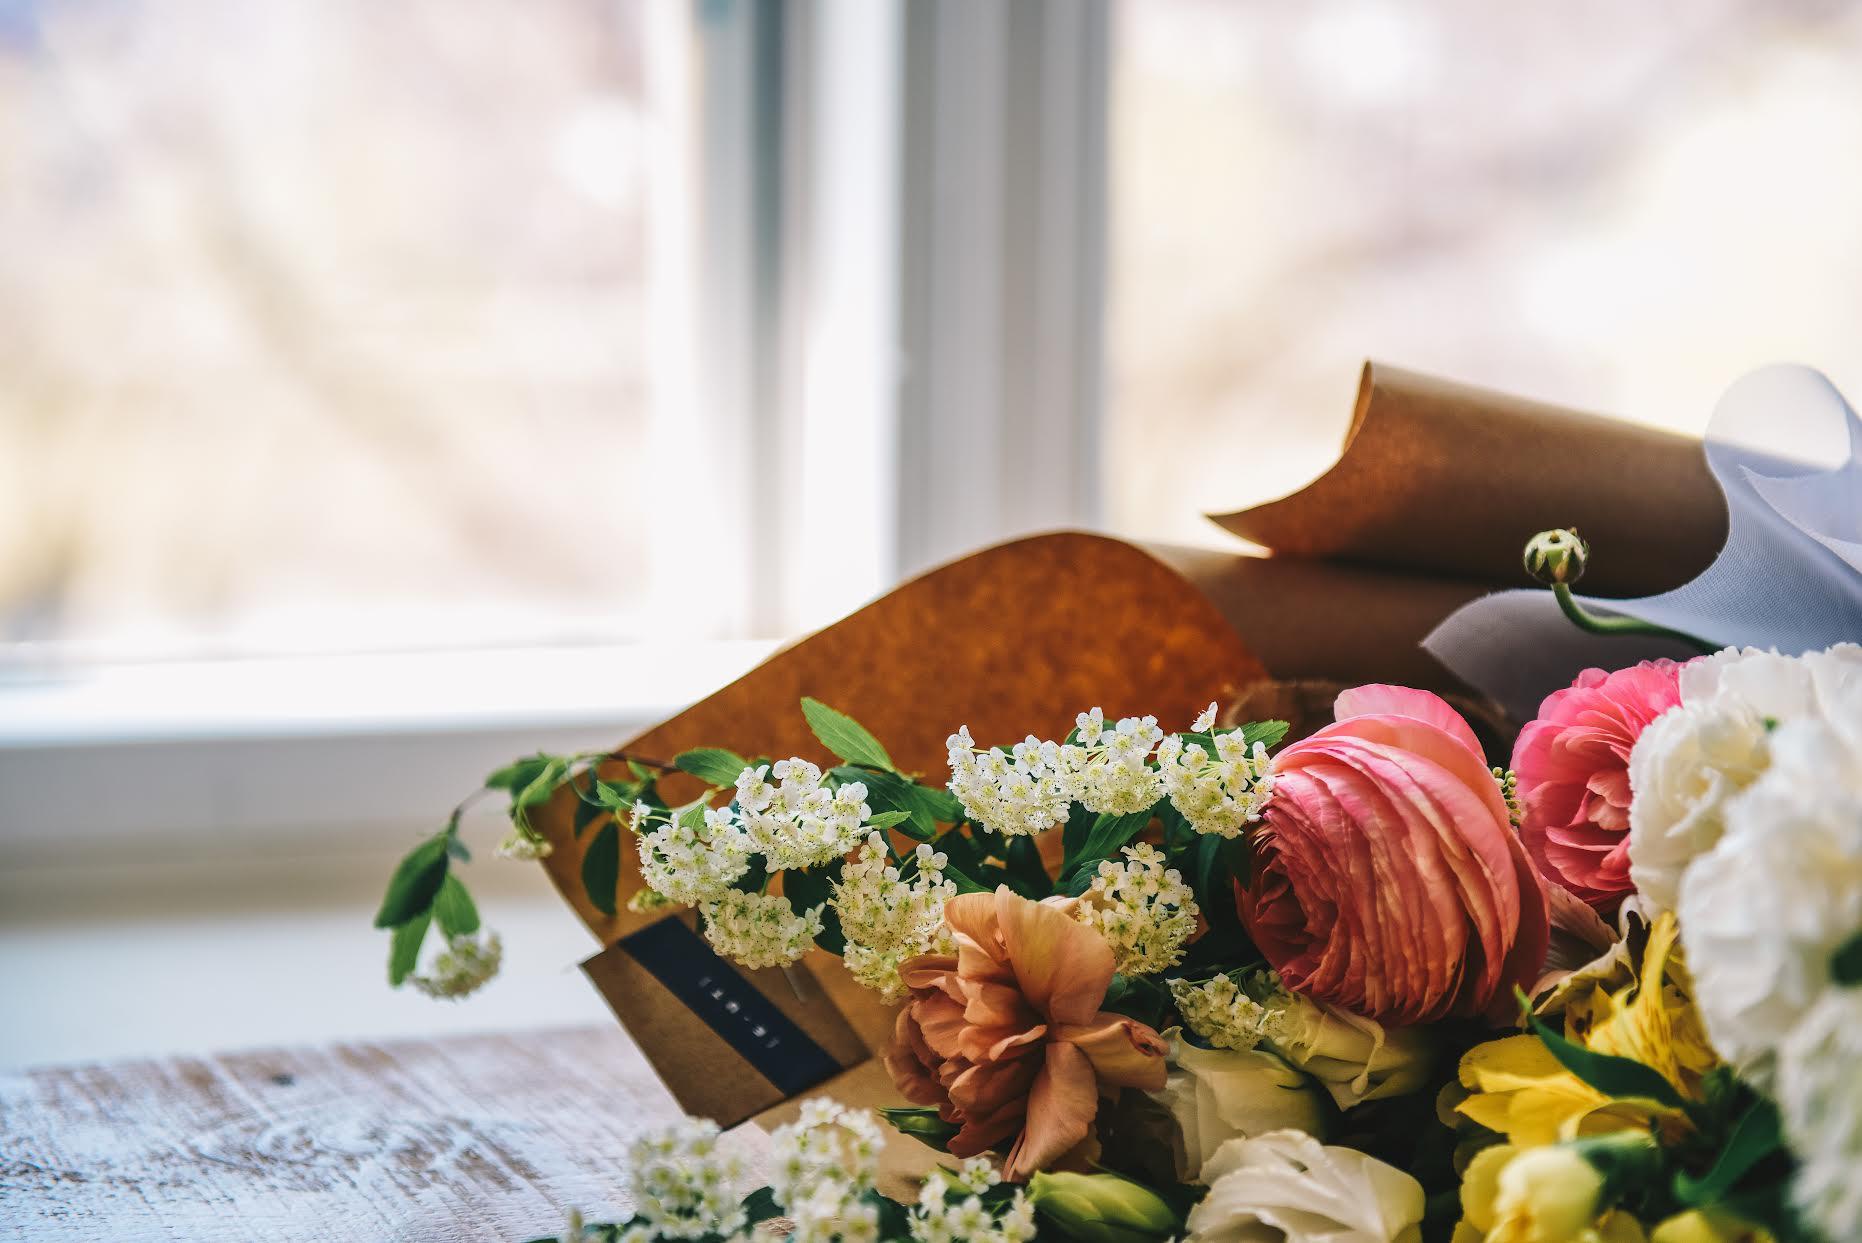 Livraison de fleurs, conseils pour choisir le prestataire